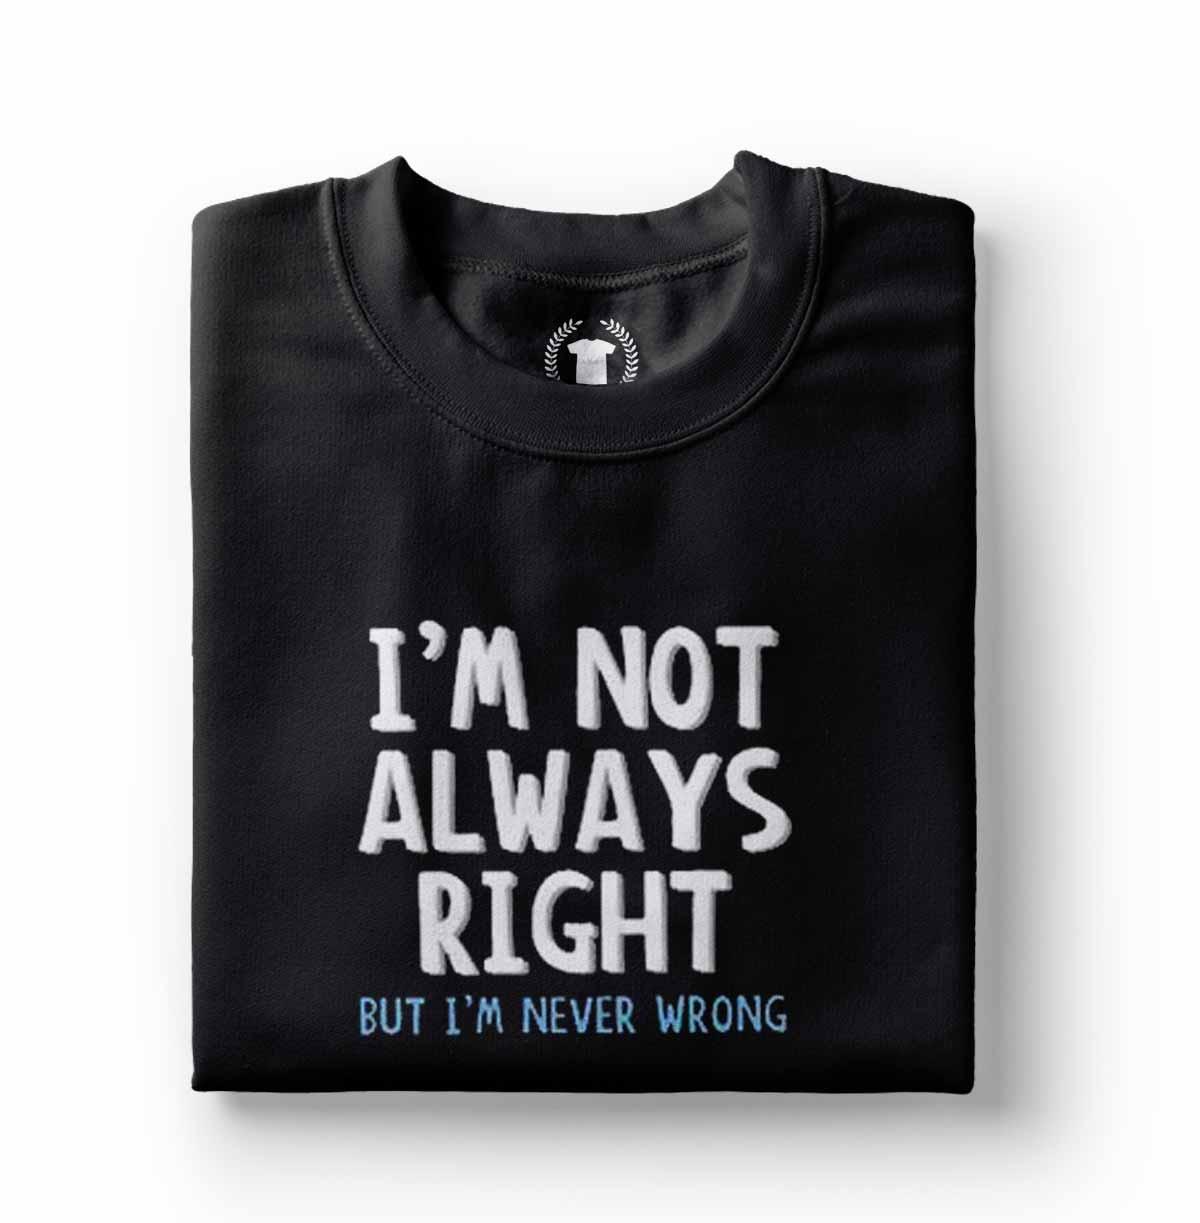 Camisa divertida Nao estou sempre certo mas nunca estou errado